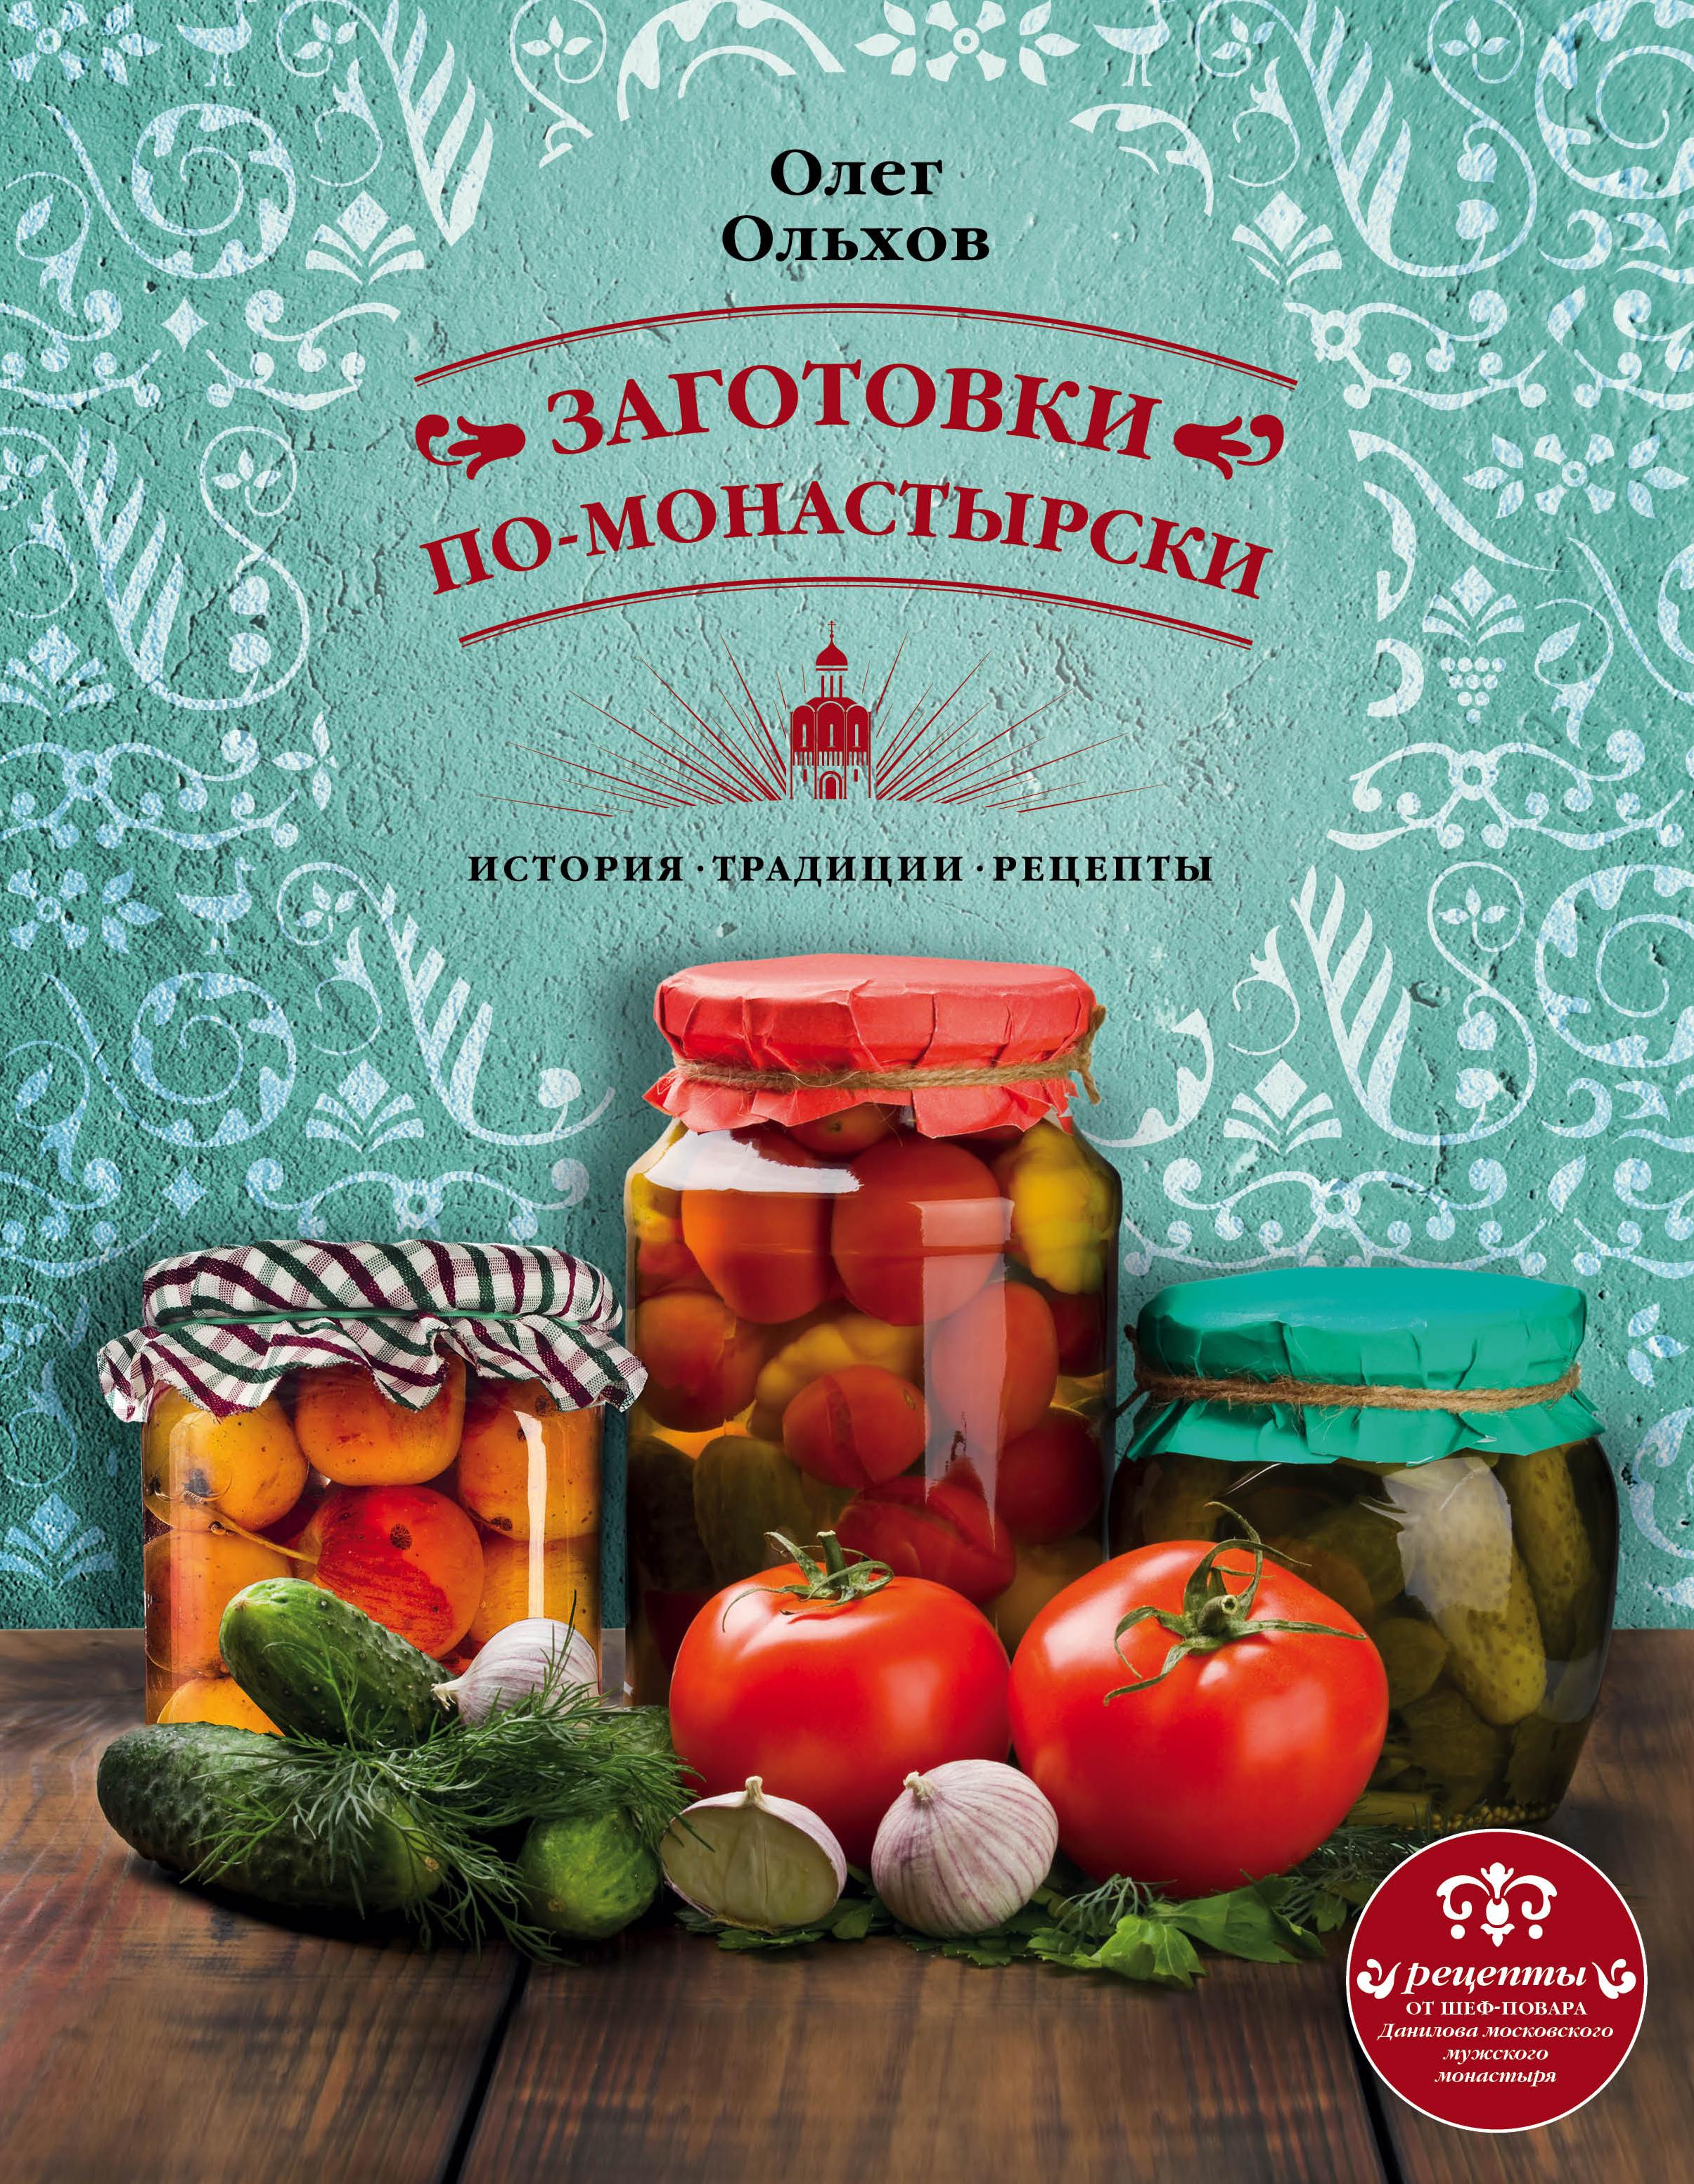 Ольхов Олег Заготовки по-монастырски олег ольхов сладости на вашем столе кексы варенья пастилы